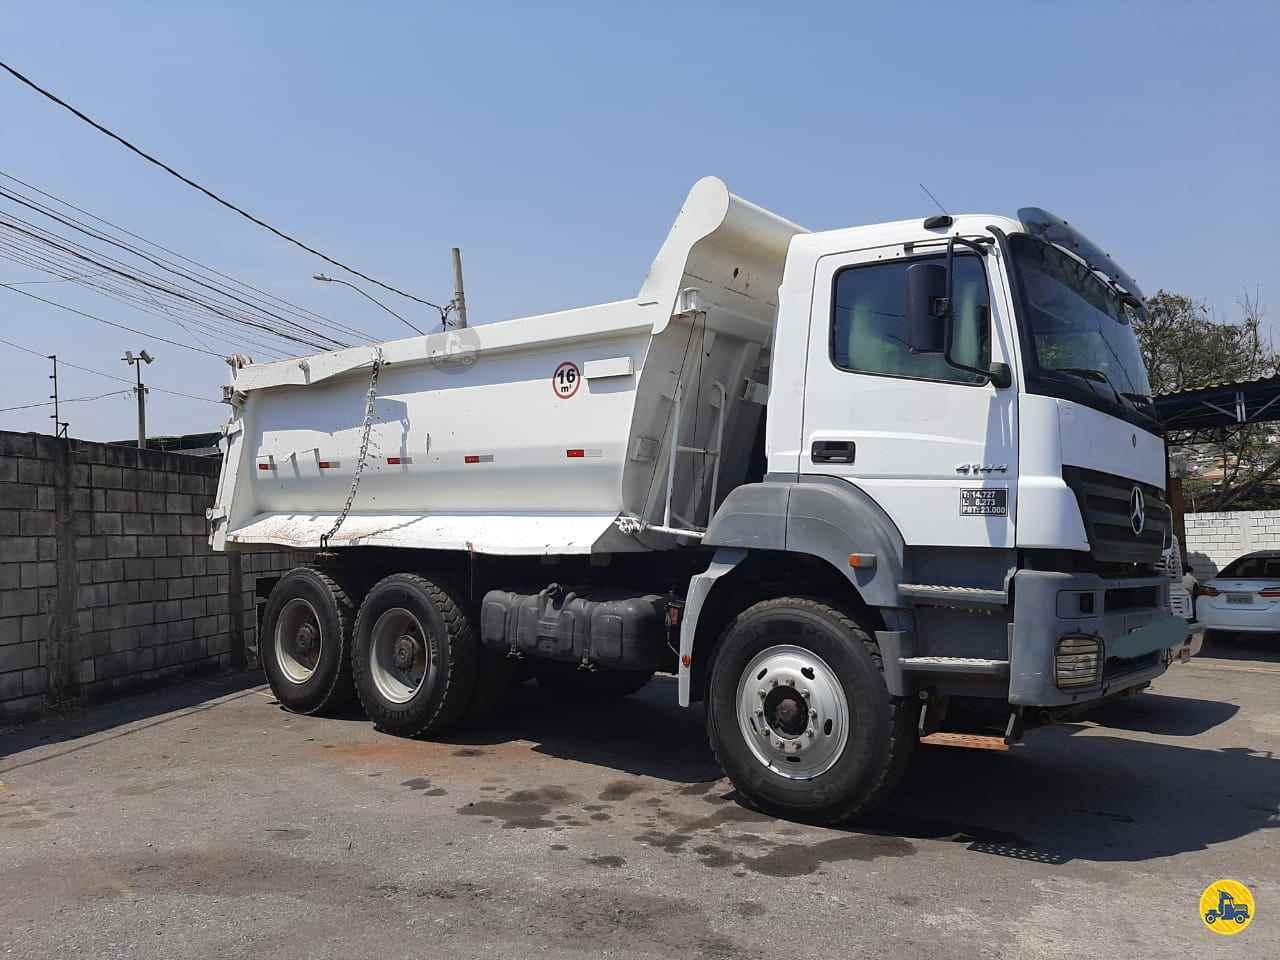 CAMINHAO MERCEDES-BENZ MB 4144 Caçamba Basculante Traçado 6x4 Caminhões Certos CONTAGEM MINAS GERAIS MG